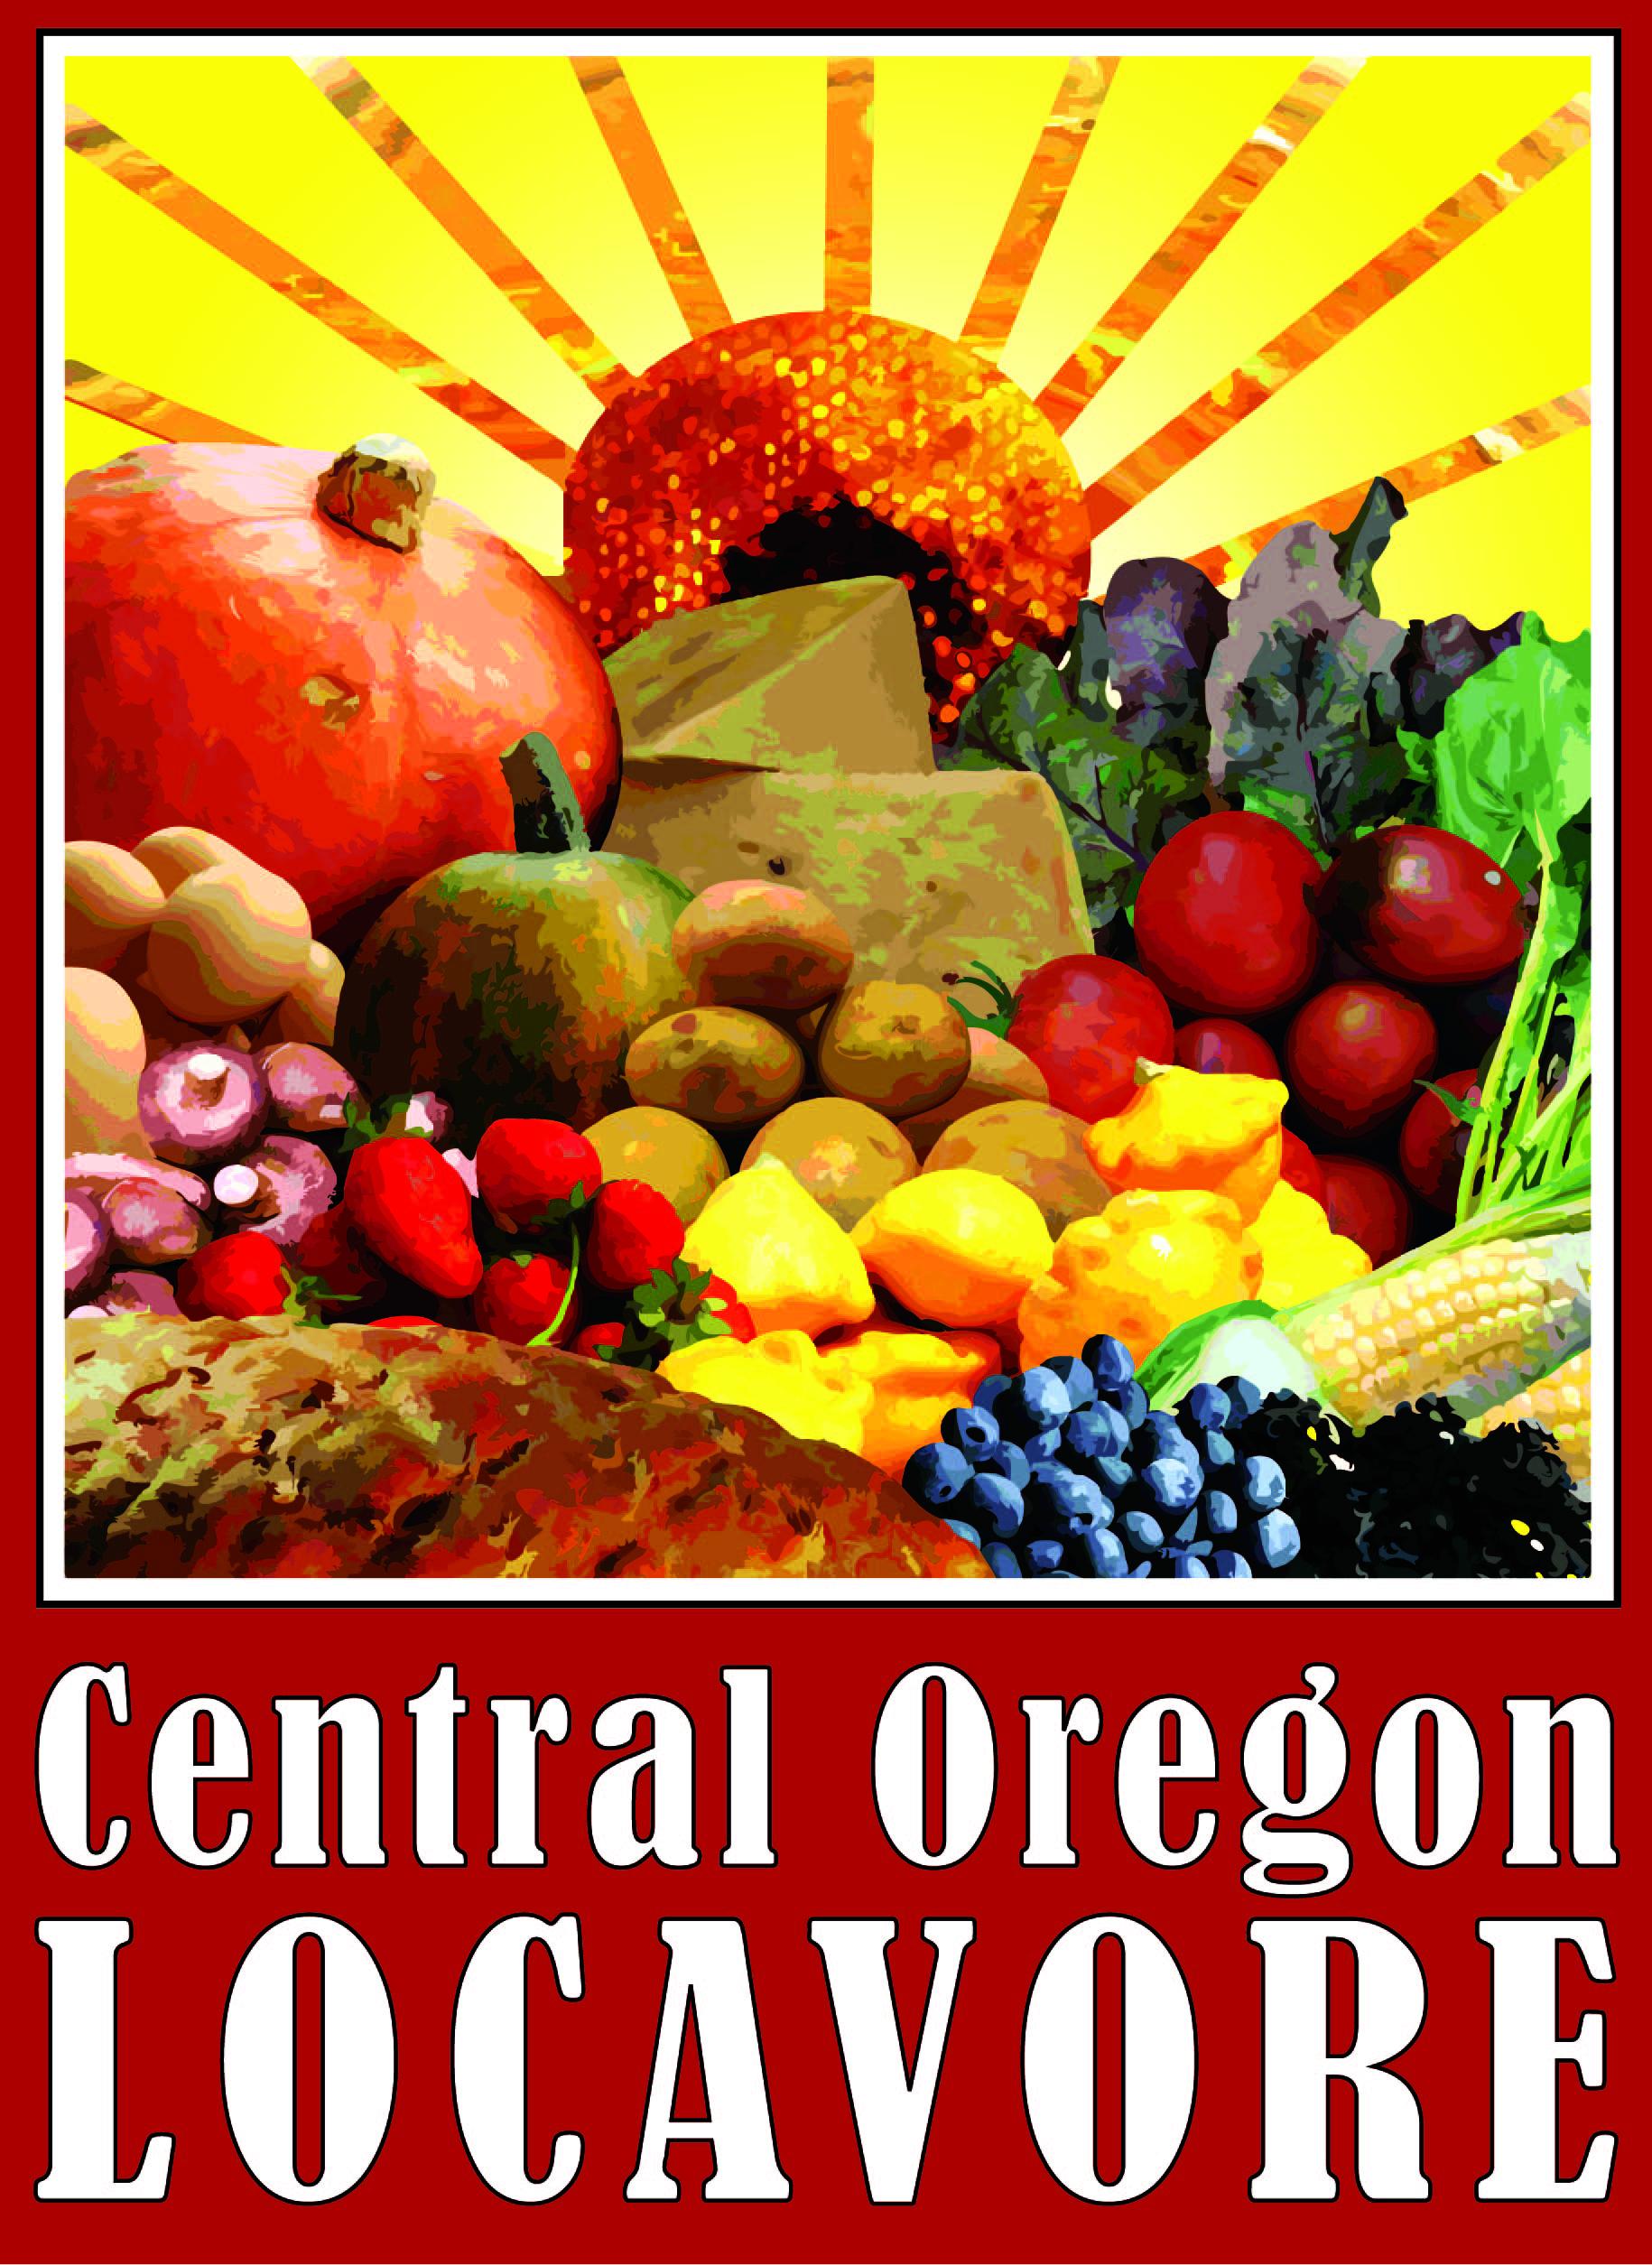 Central-Oregon-Locavore.jpg